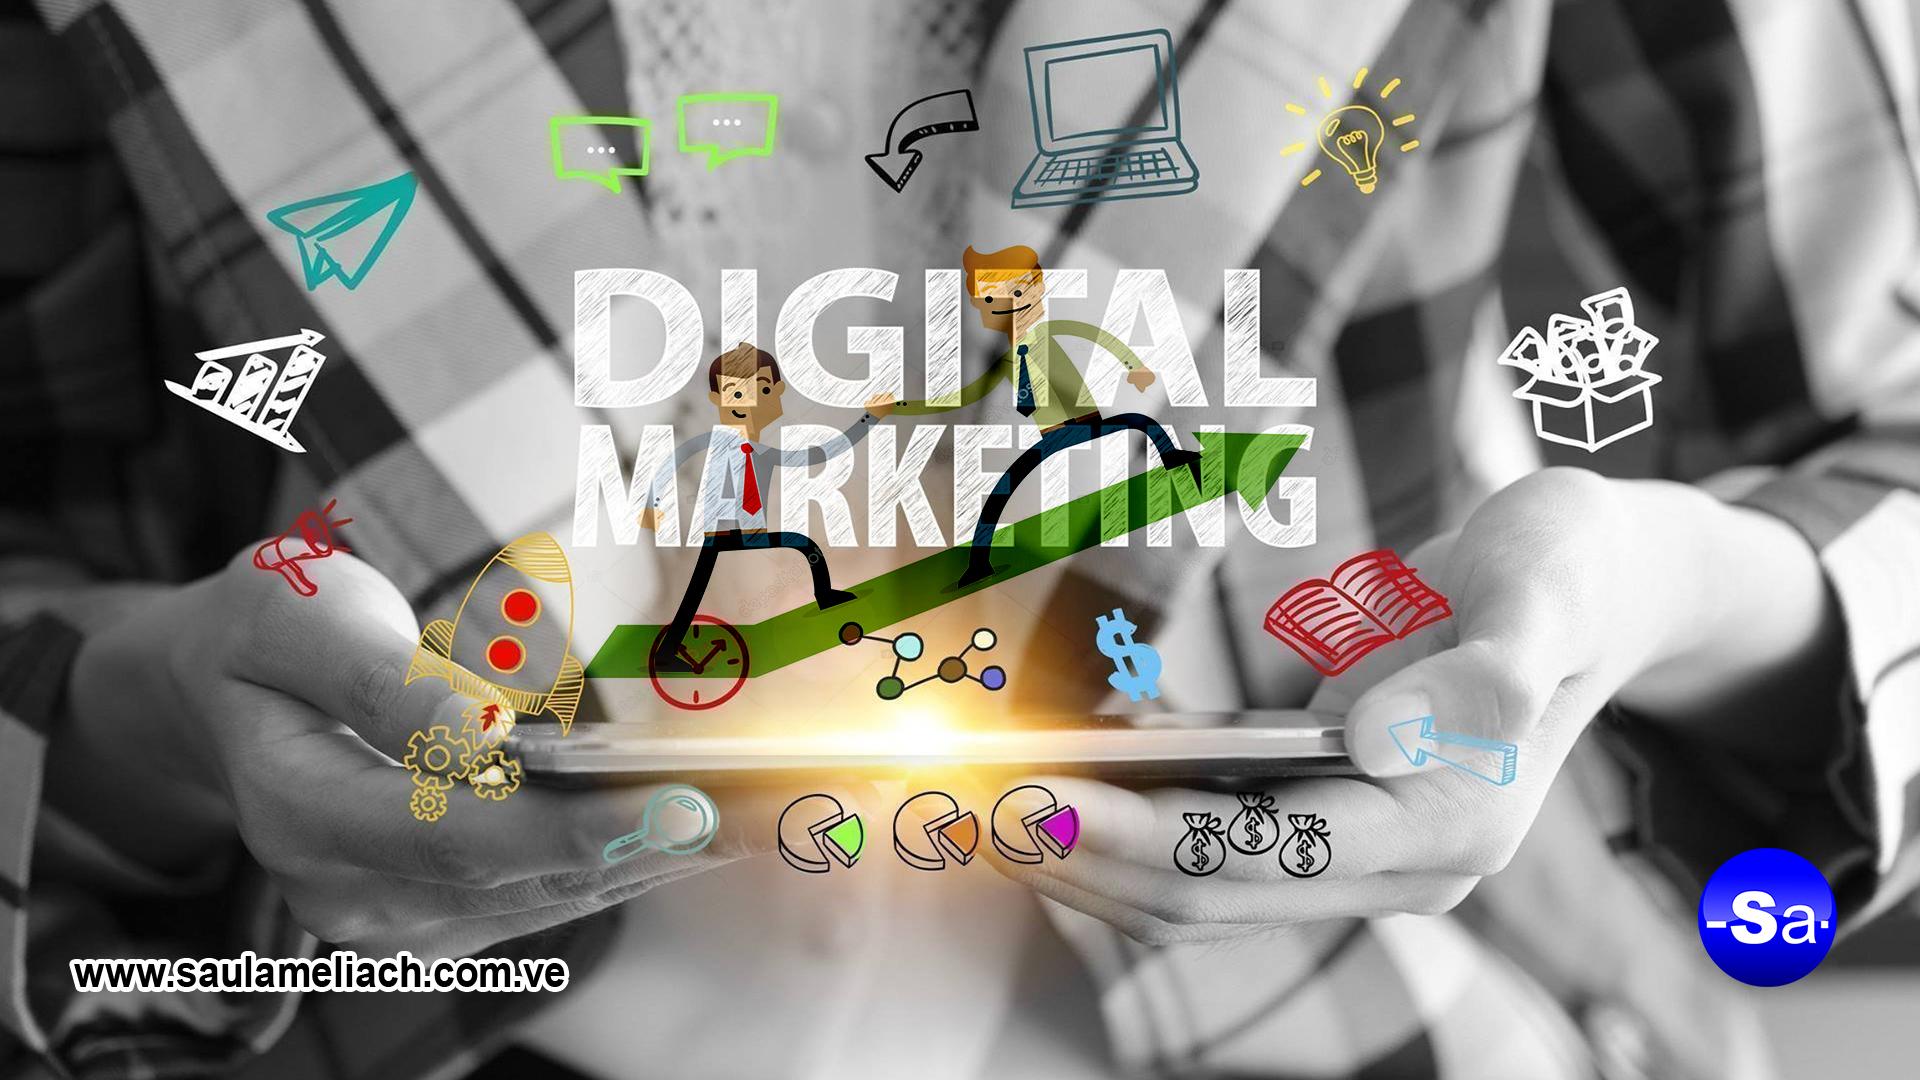 saul ameliach novedades El Marketing Digital